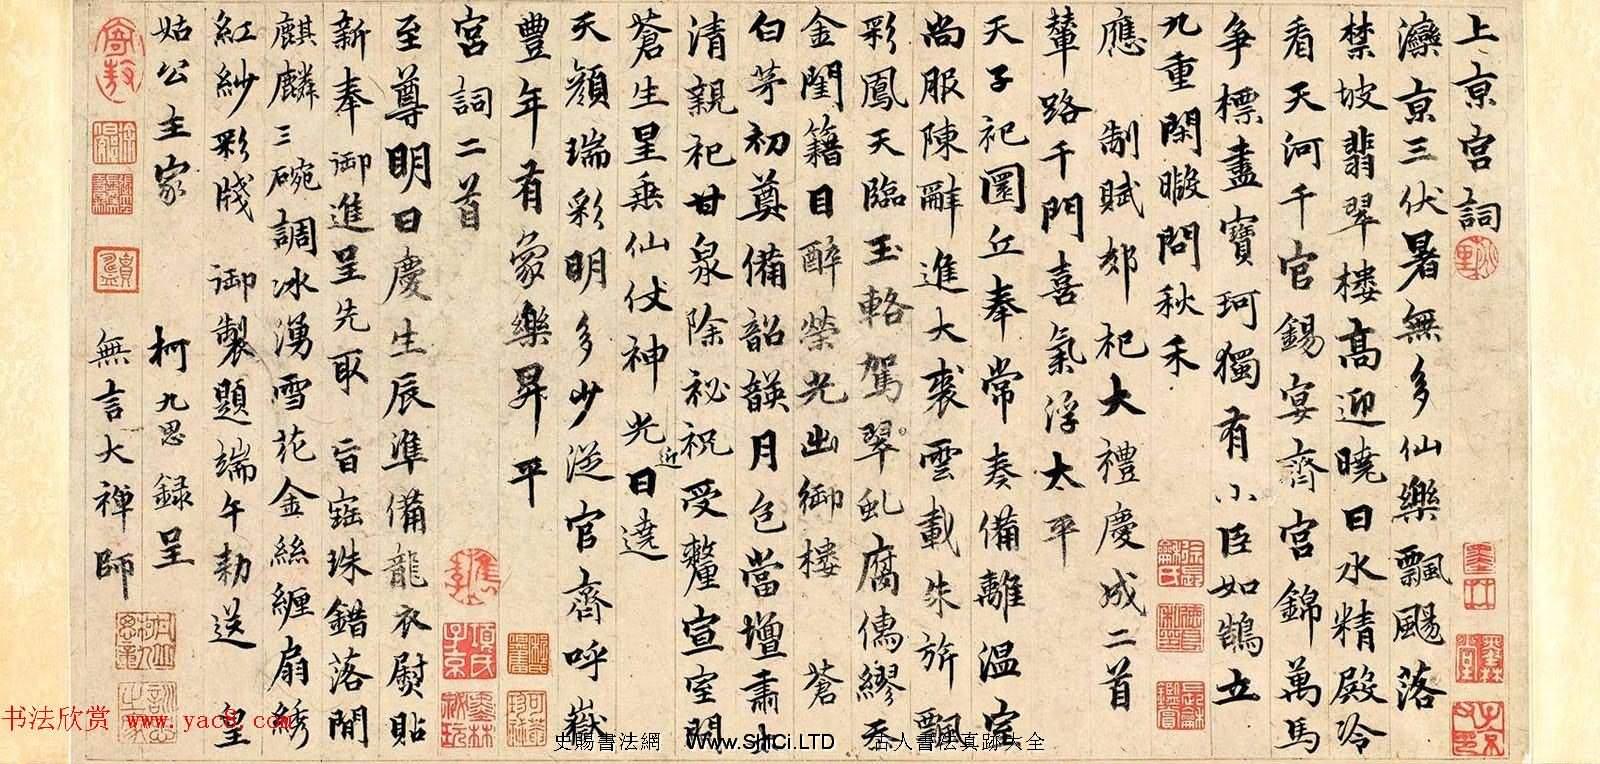 元代柯九思行楷書法手卷賞析字帖《上京宮詞》(共5張圖片)